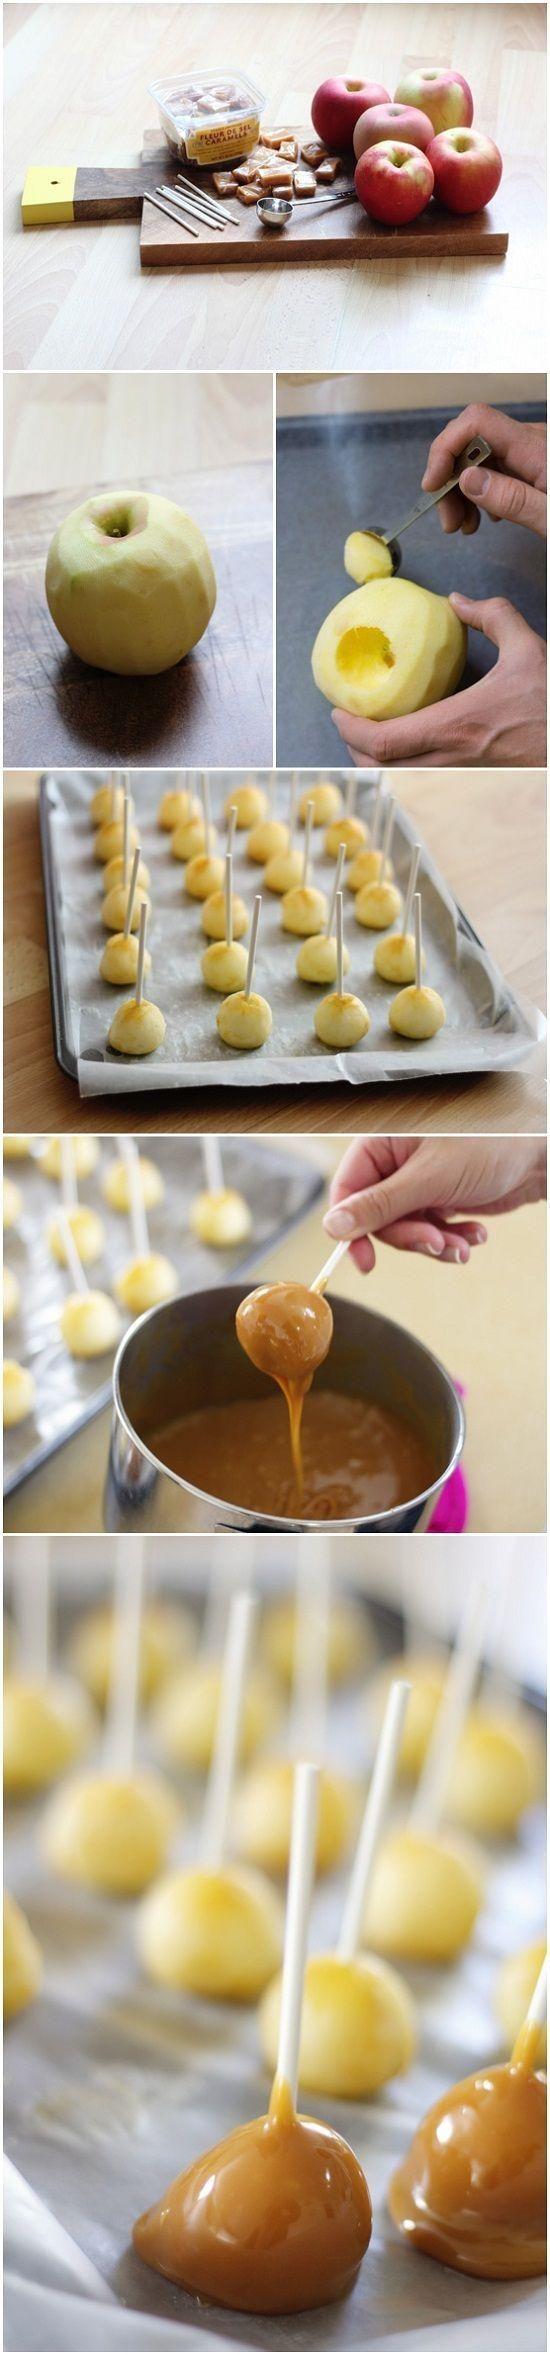 DIY Mini Caramel Apples - Joybx